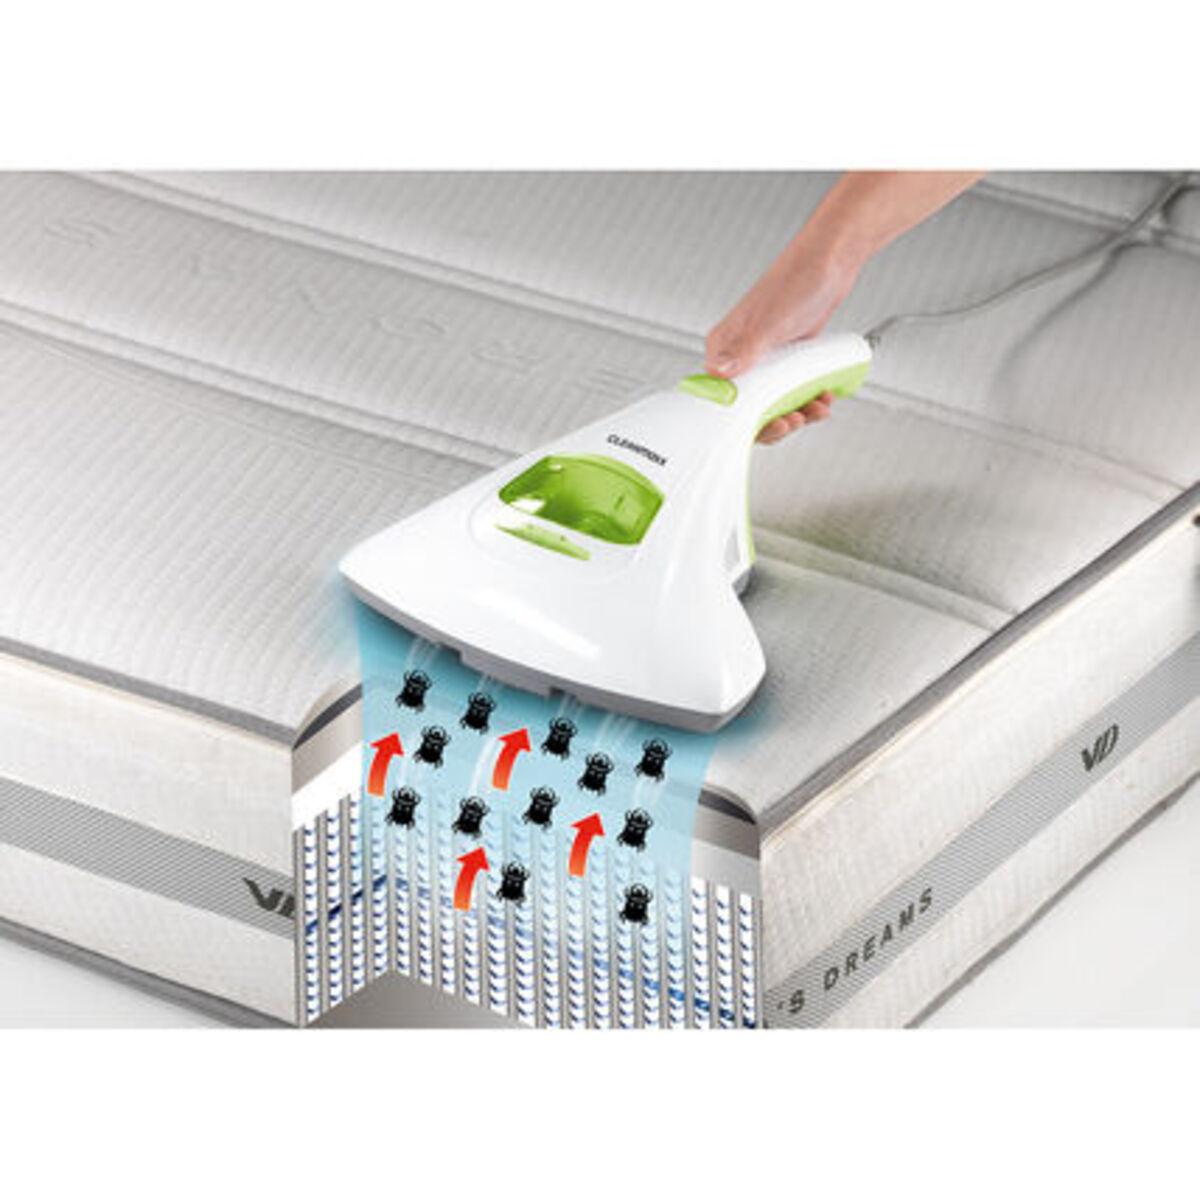 Bild 3 von Cleanmaxx Milben-Handstaubsauger, weiß/limegreen